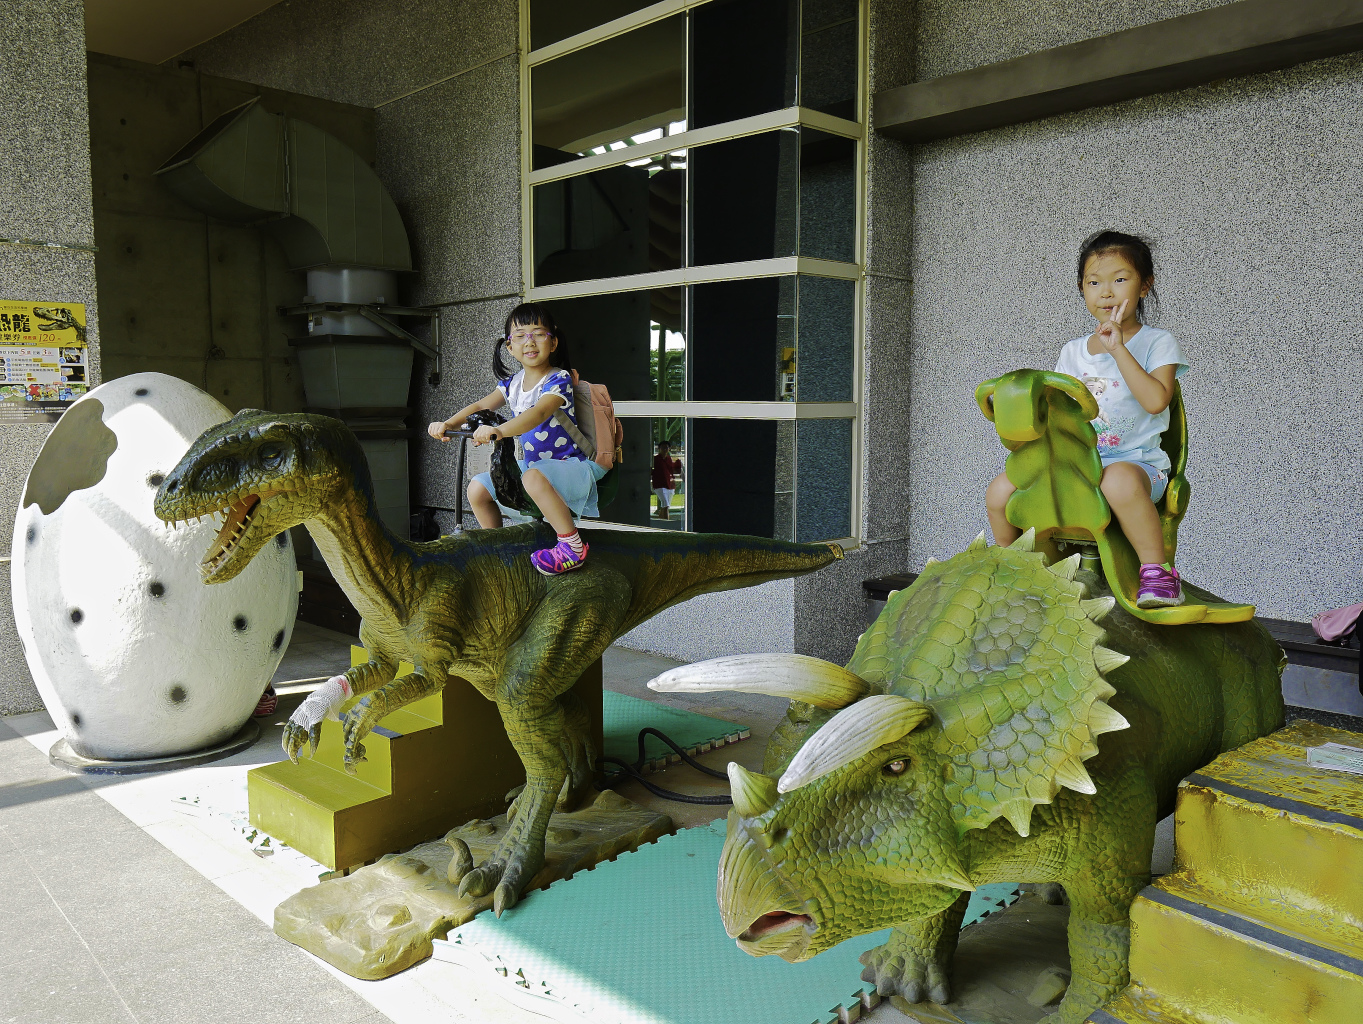 樹谷生活科學館,樹谷農場,樹谷體驗場-3.jpg